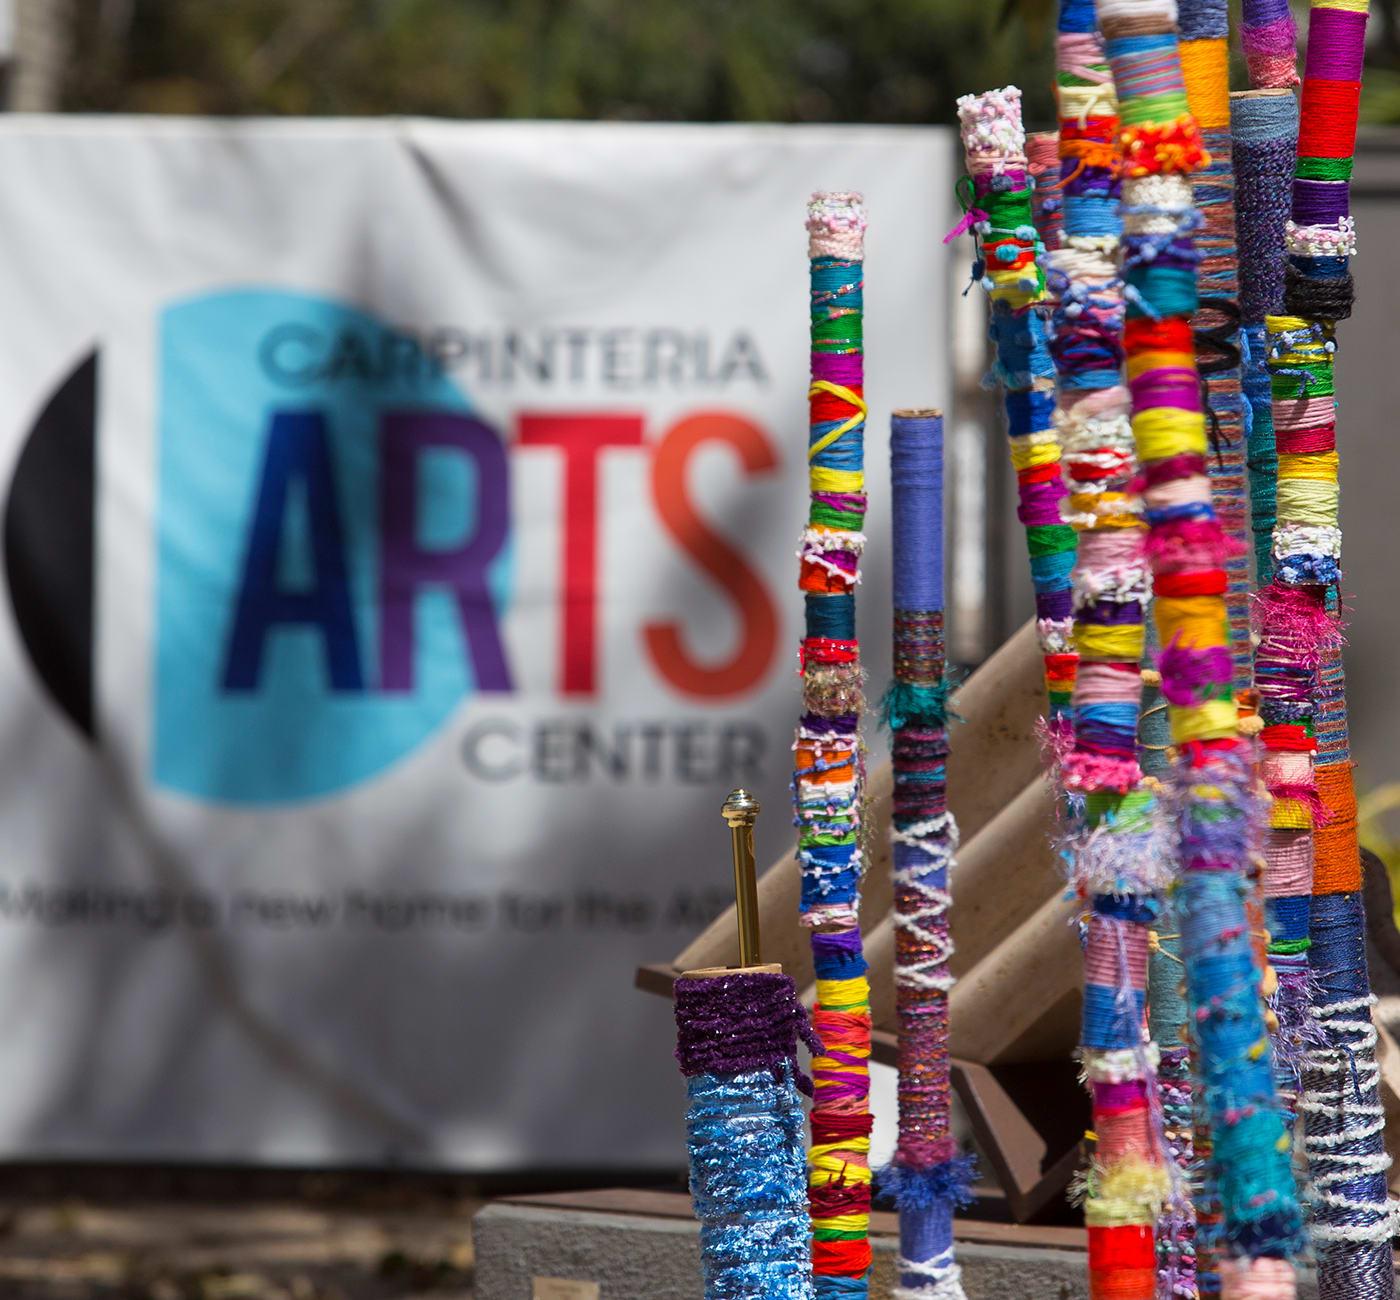 10-Carpinteria-Arts-Center-w1400.jpg